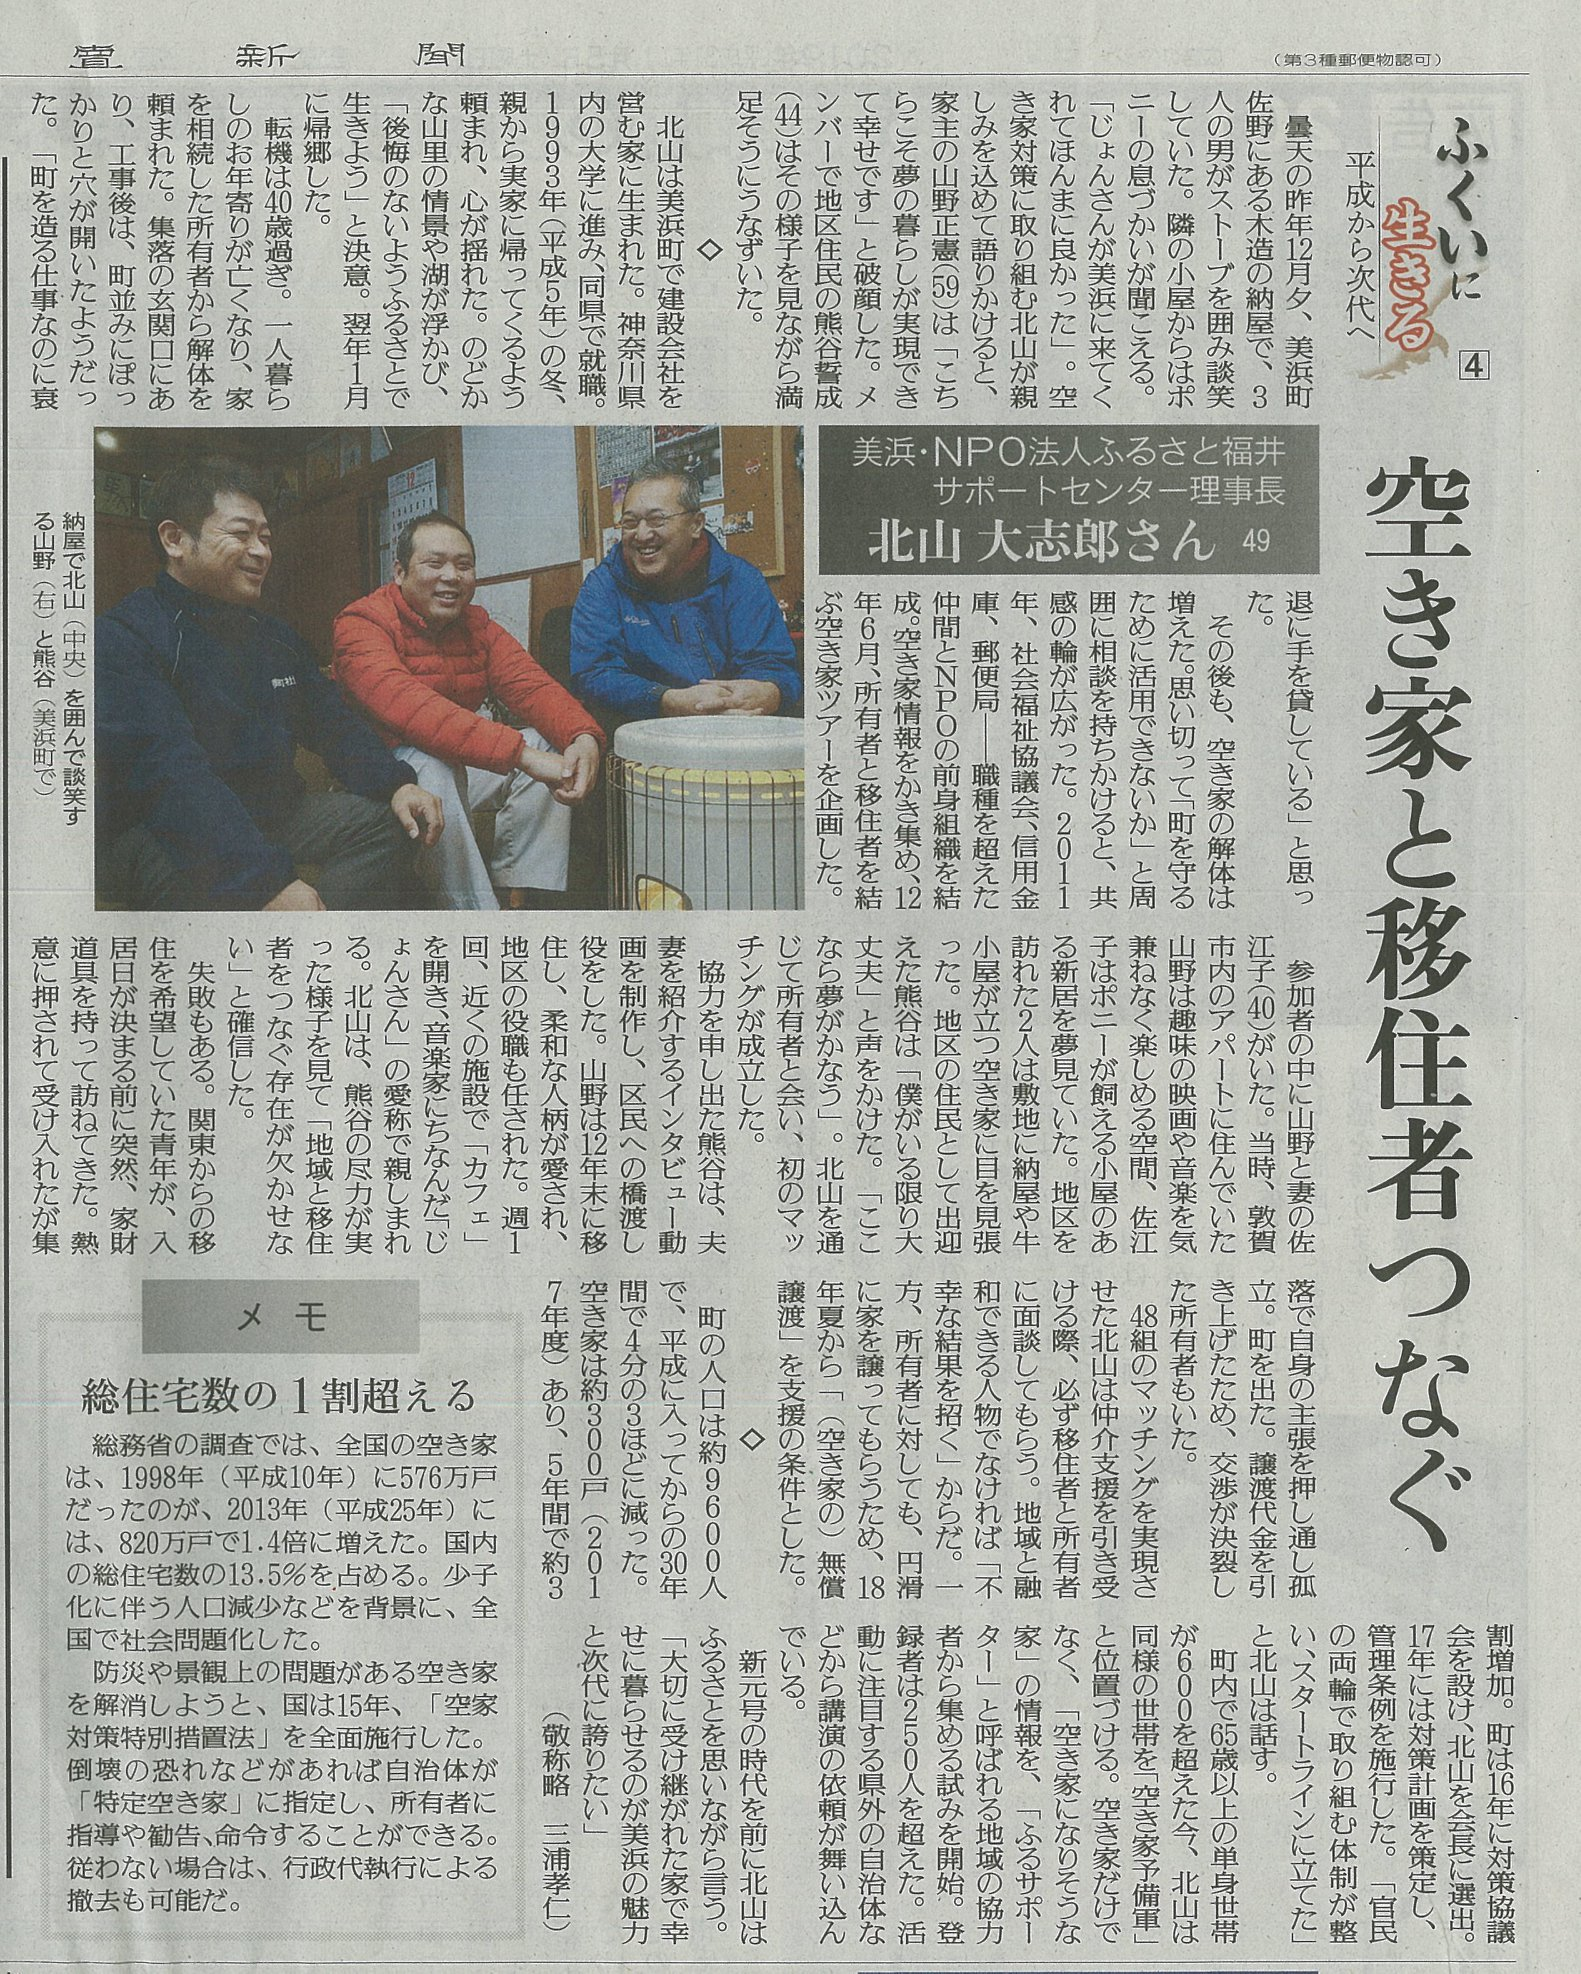 掲載新聞:読売新聞聞 2019年1月5日付